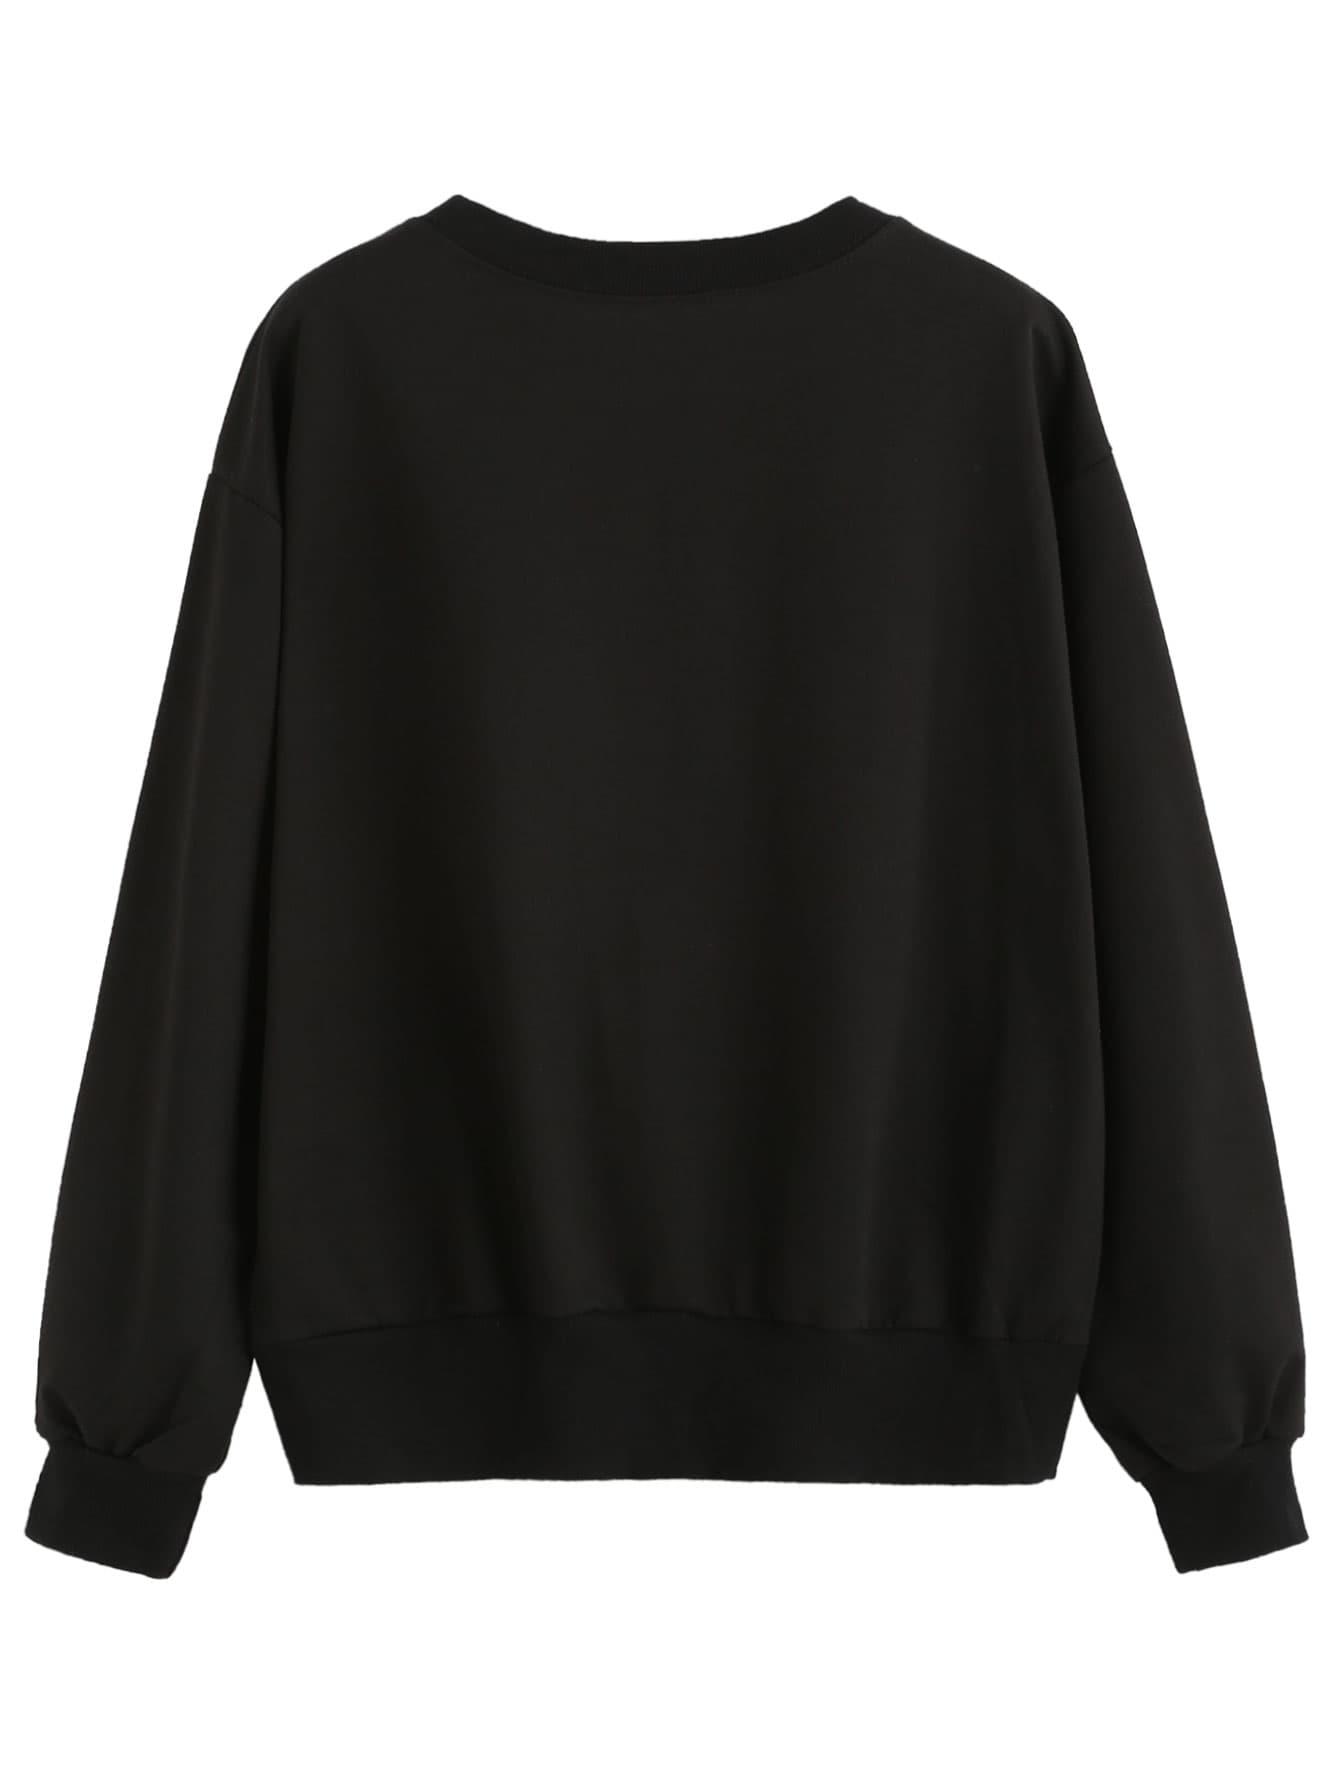 sweatshirt160912003_2